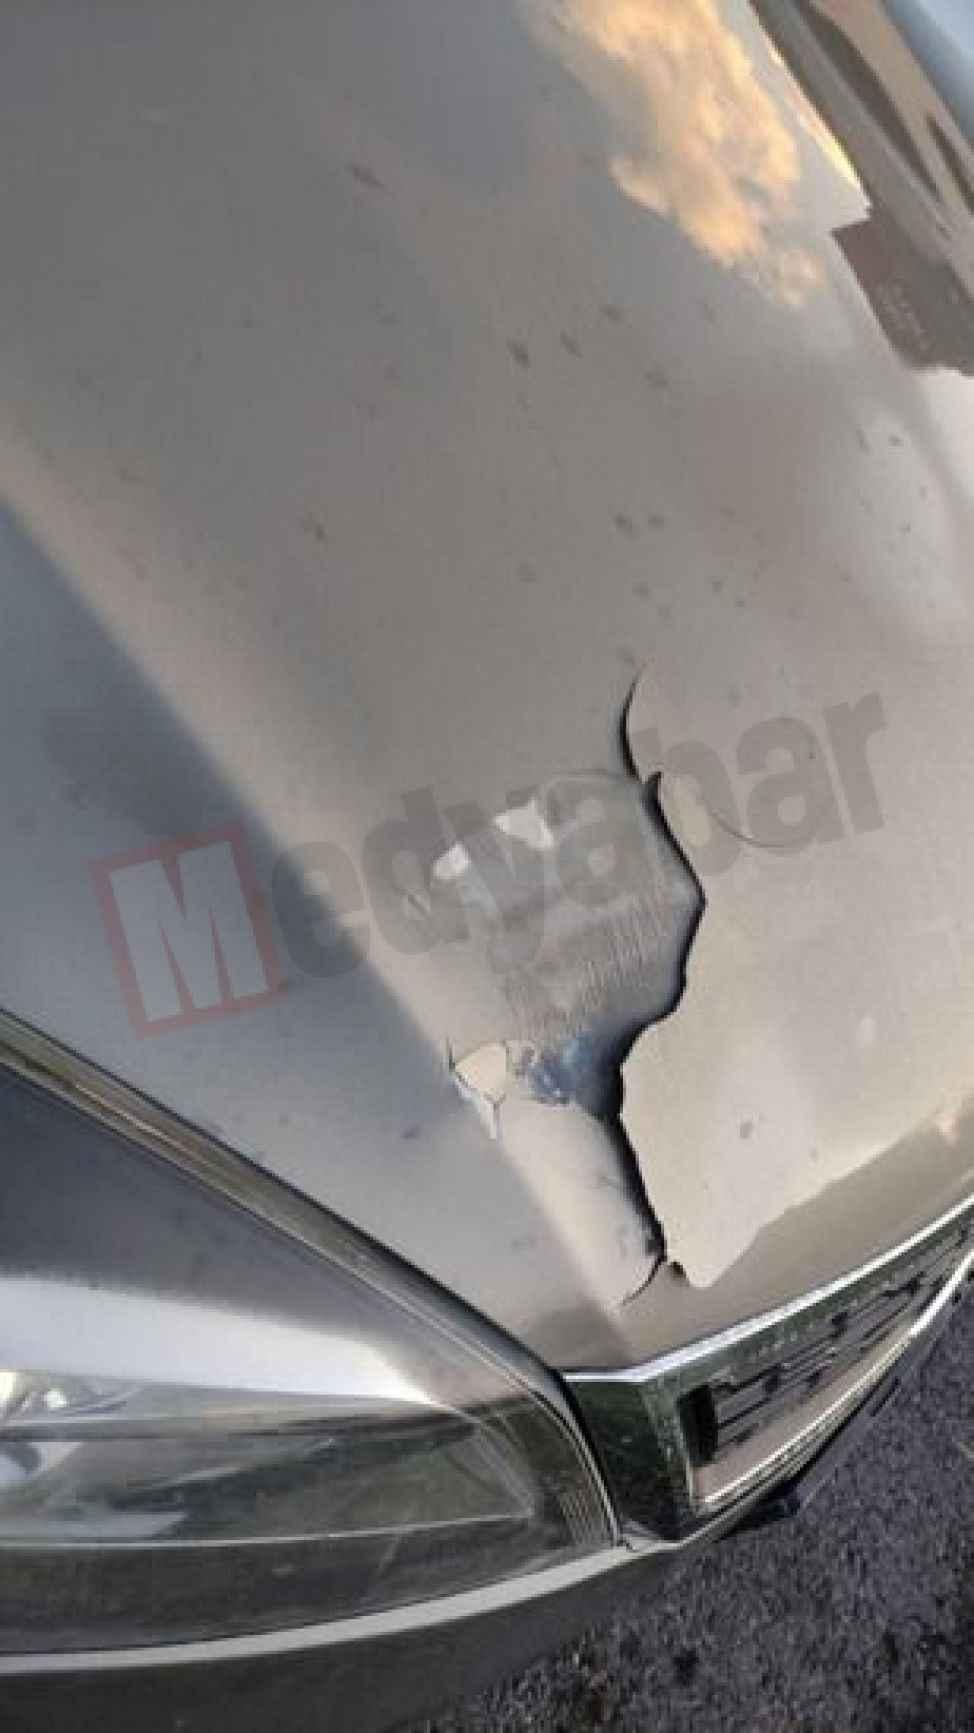 130'la giden aracın kaputuna asfalt düştü! KMO'da faciadan dönüldü...